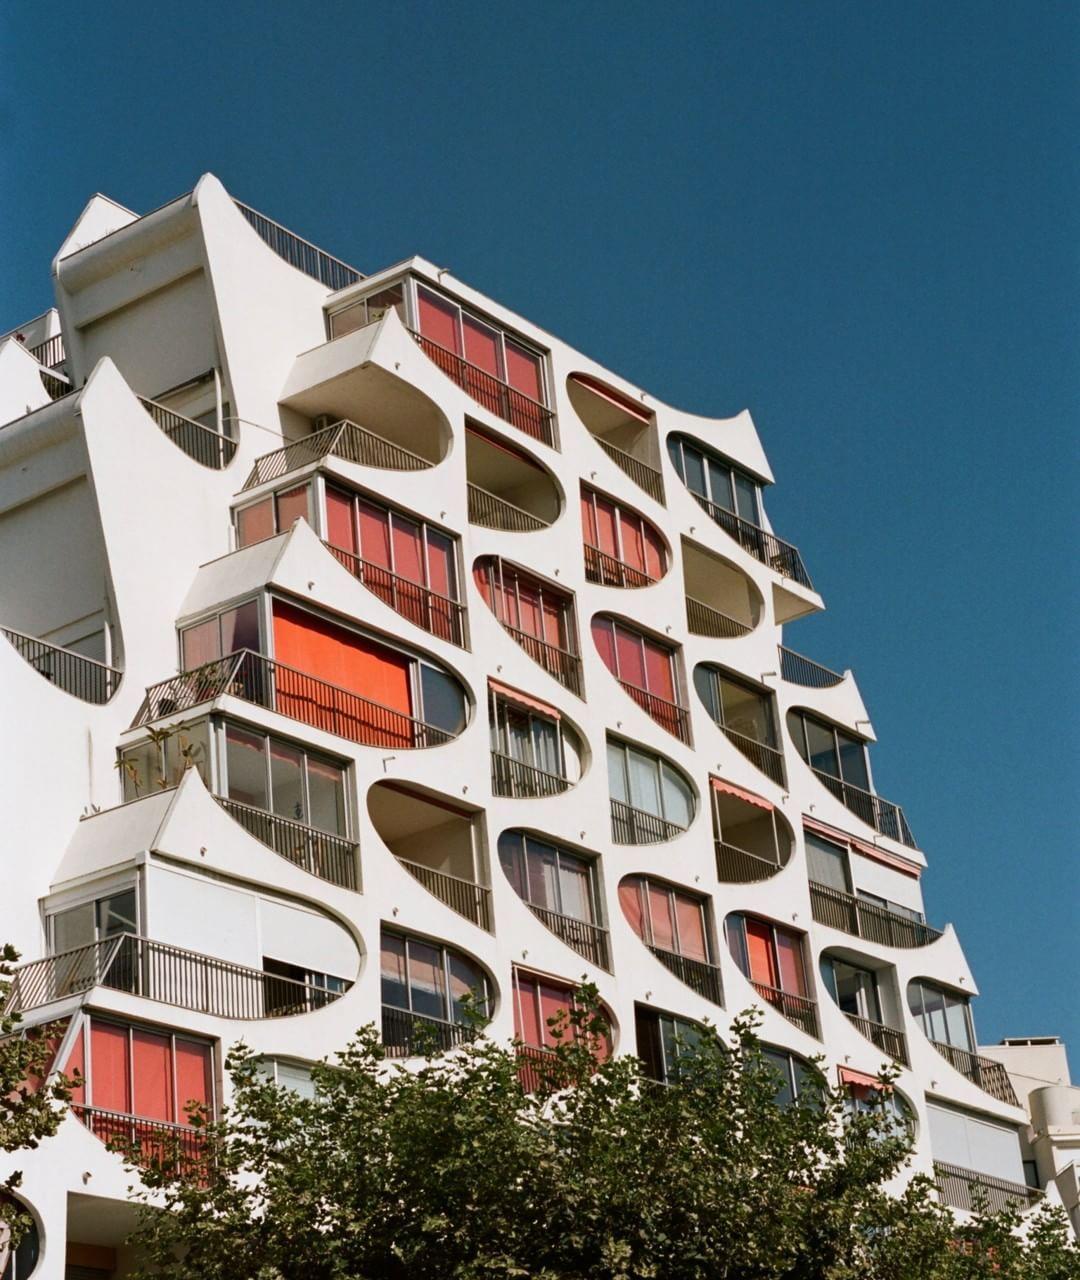 La Grande Motte France La Grande Motte Architectural Inspiration Instagram